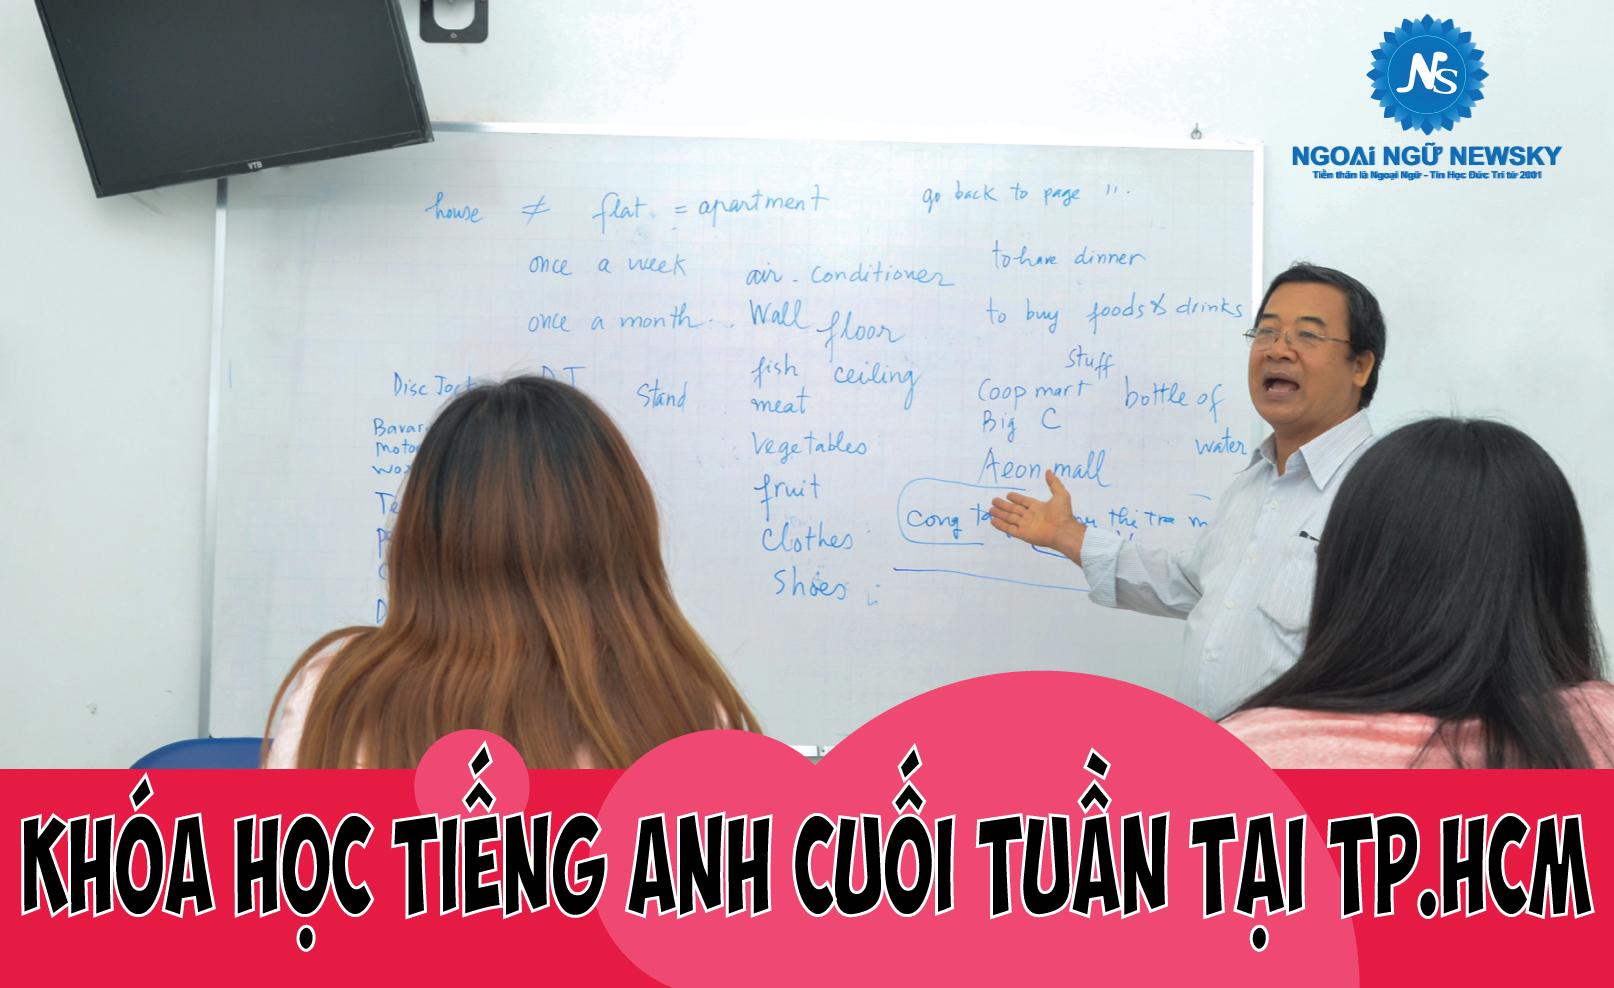 Khóa học tiếng Anh cuối tuần tại TpHCM